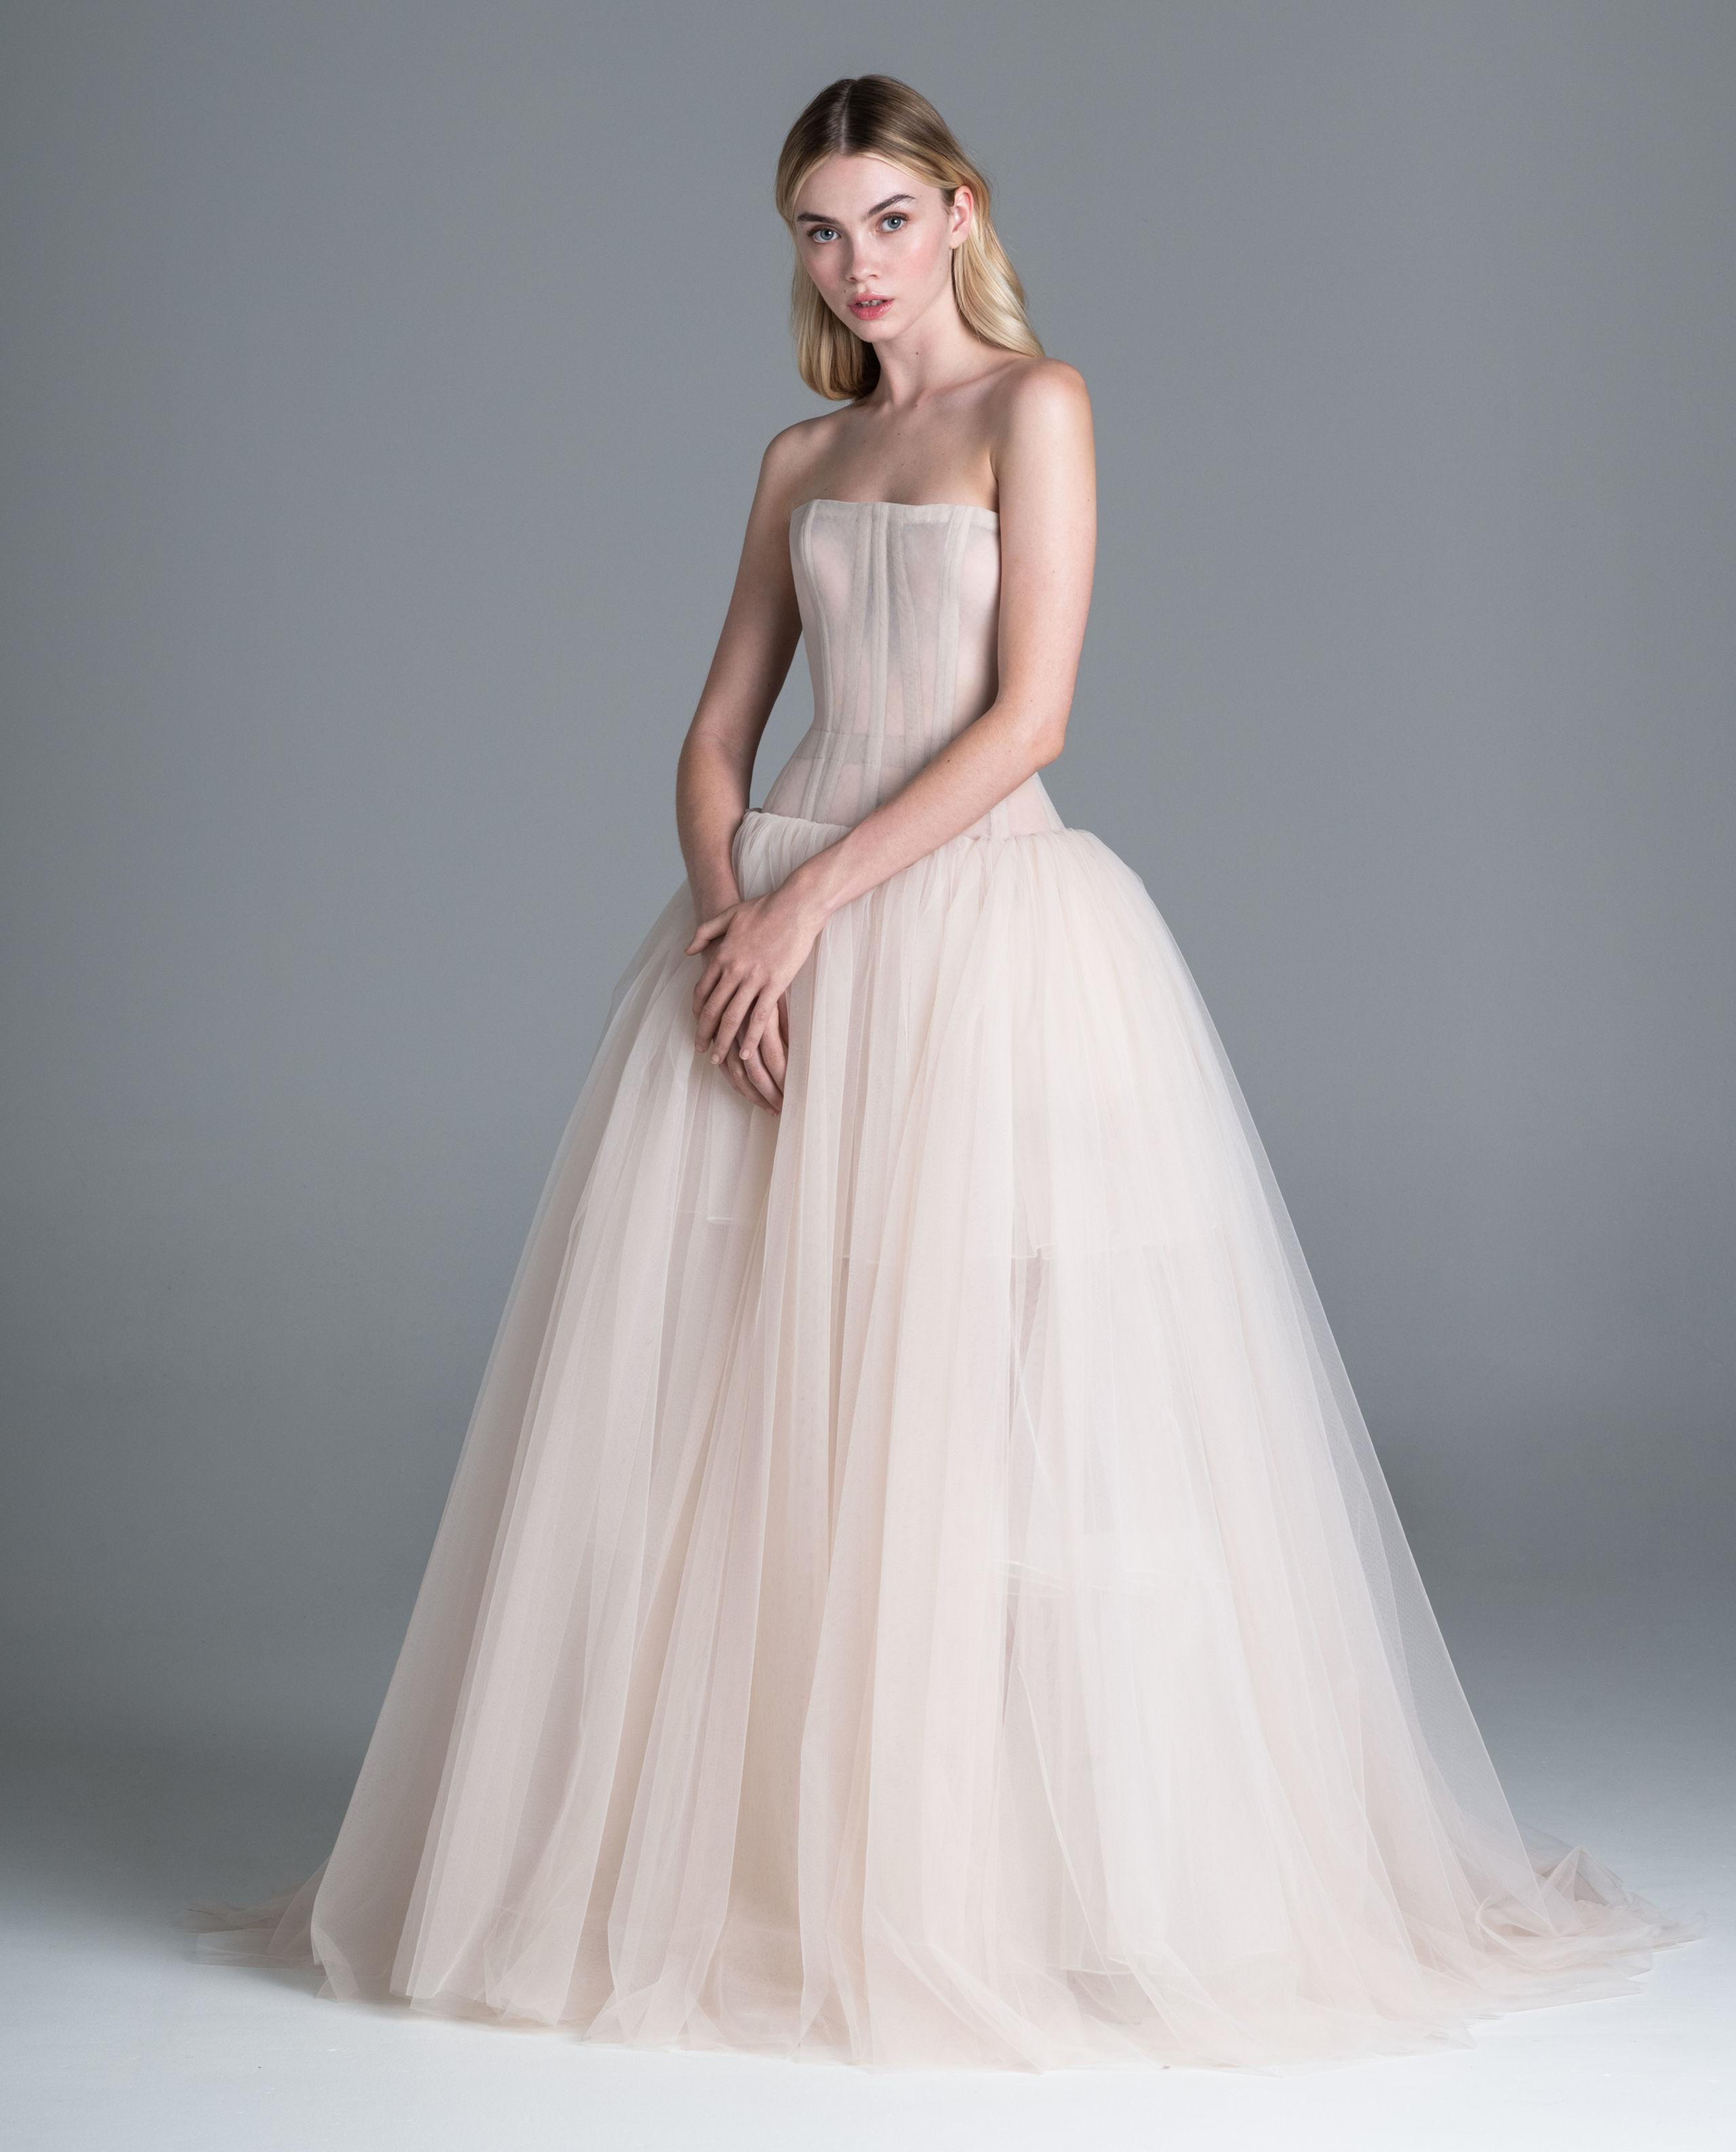 Paolo Sebastian澳大利亚高级定制婚纱品牌